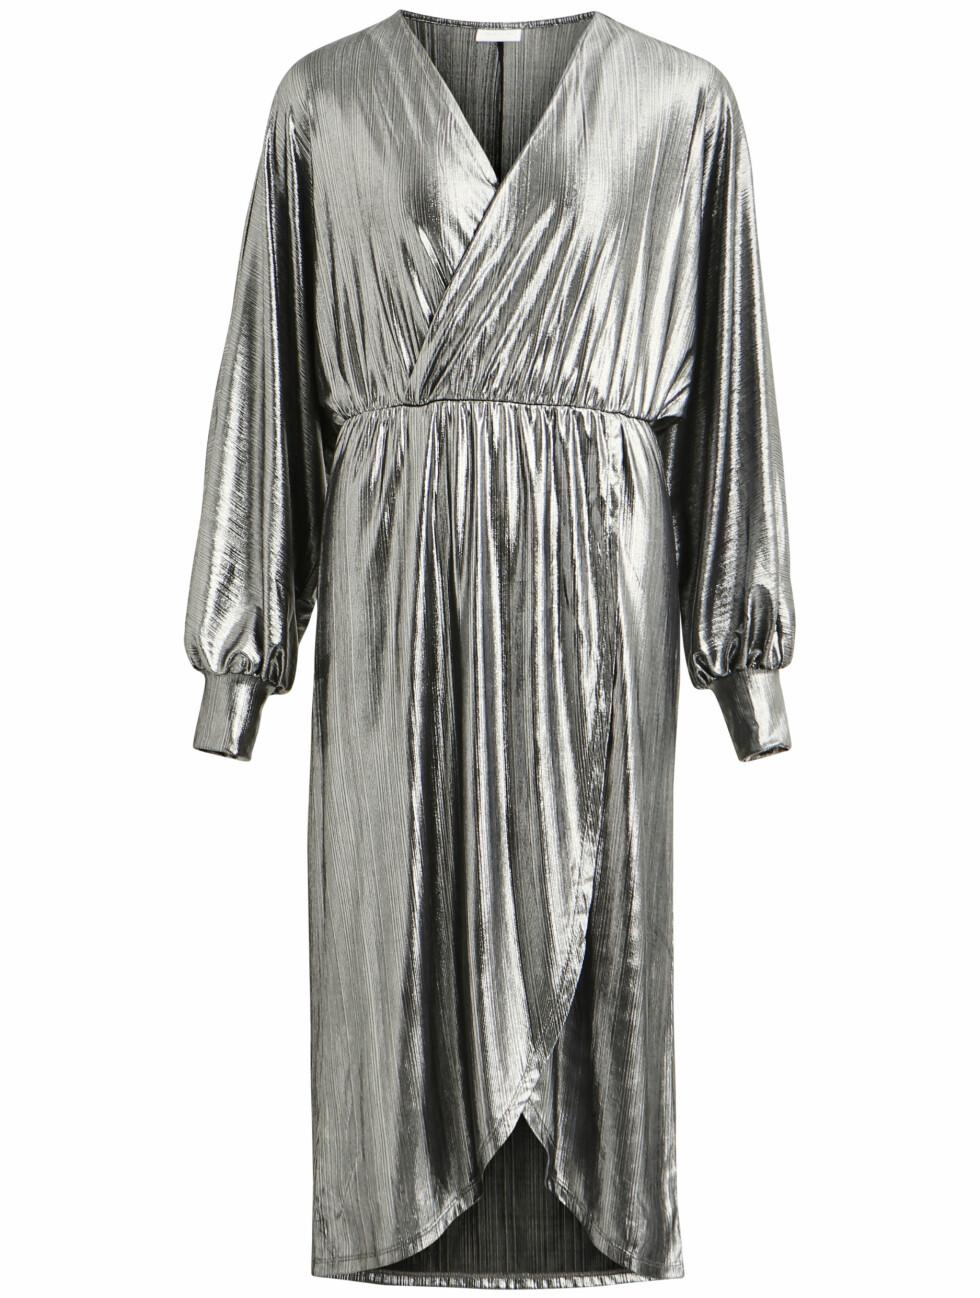 Metallisk kjole (kr 500, Vila).